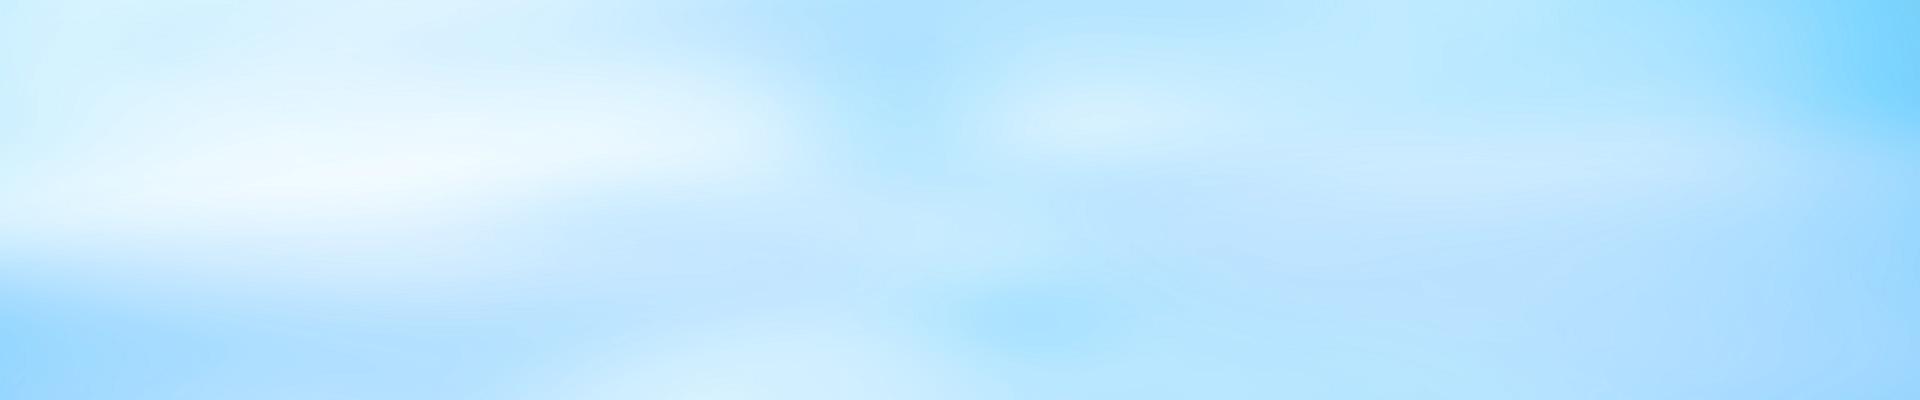 koralsc_banner_v1a